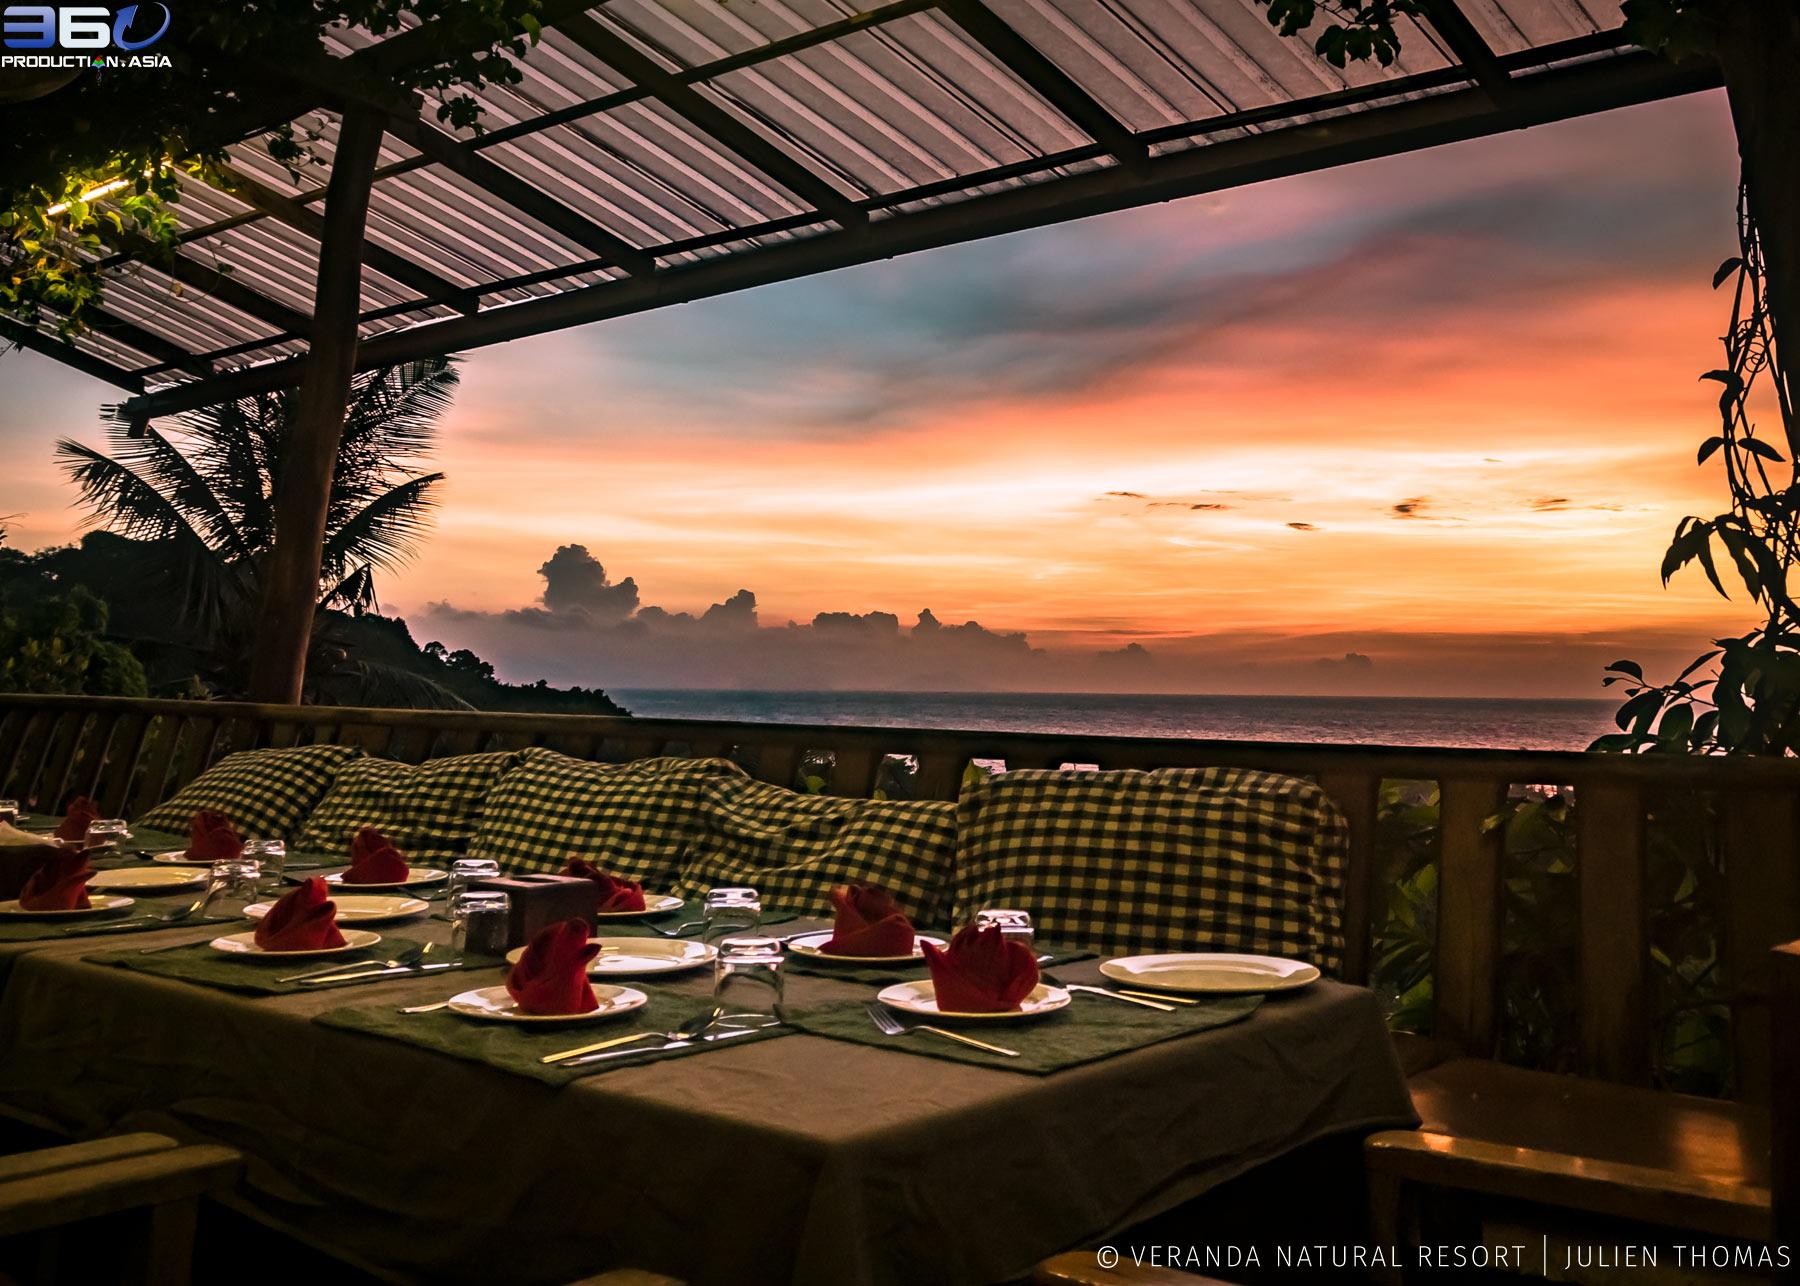 Restaurant facing the Gulf of Thailnd Ocean